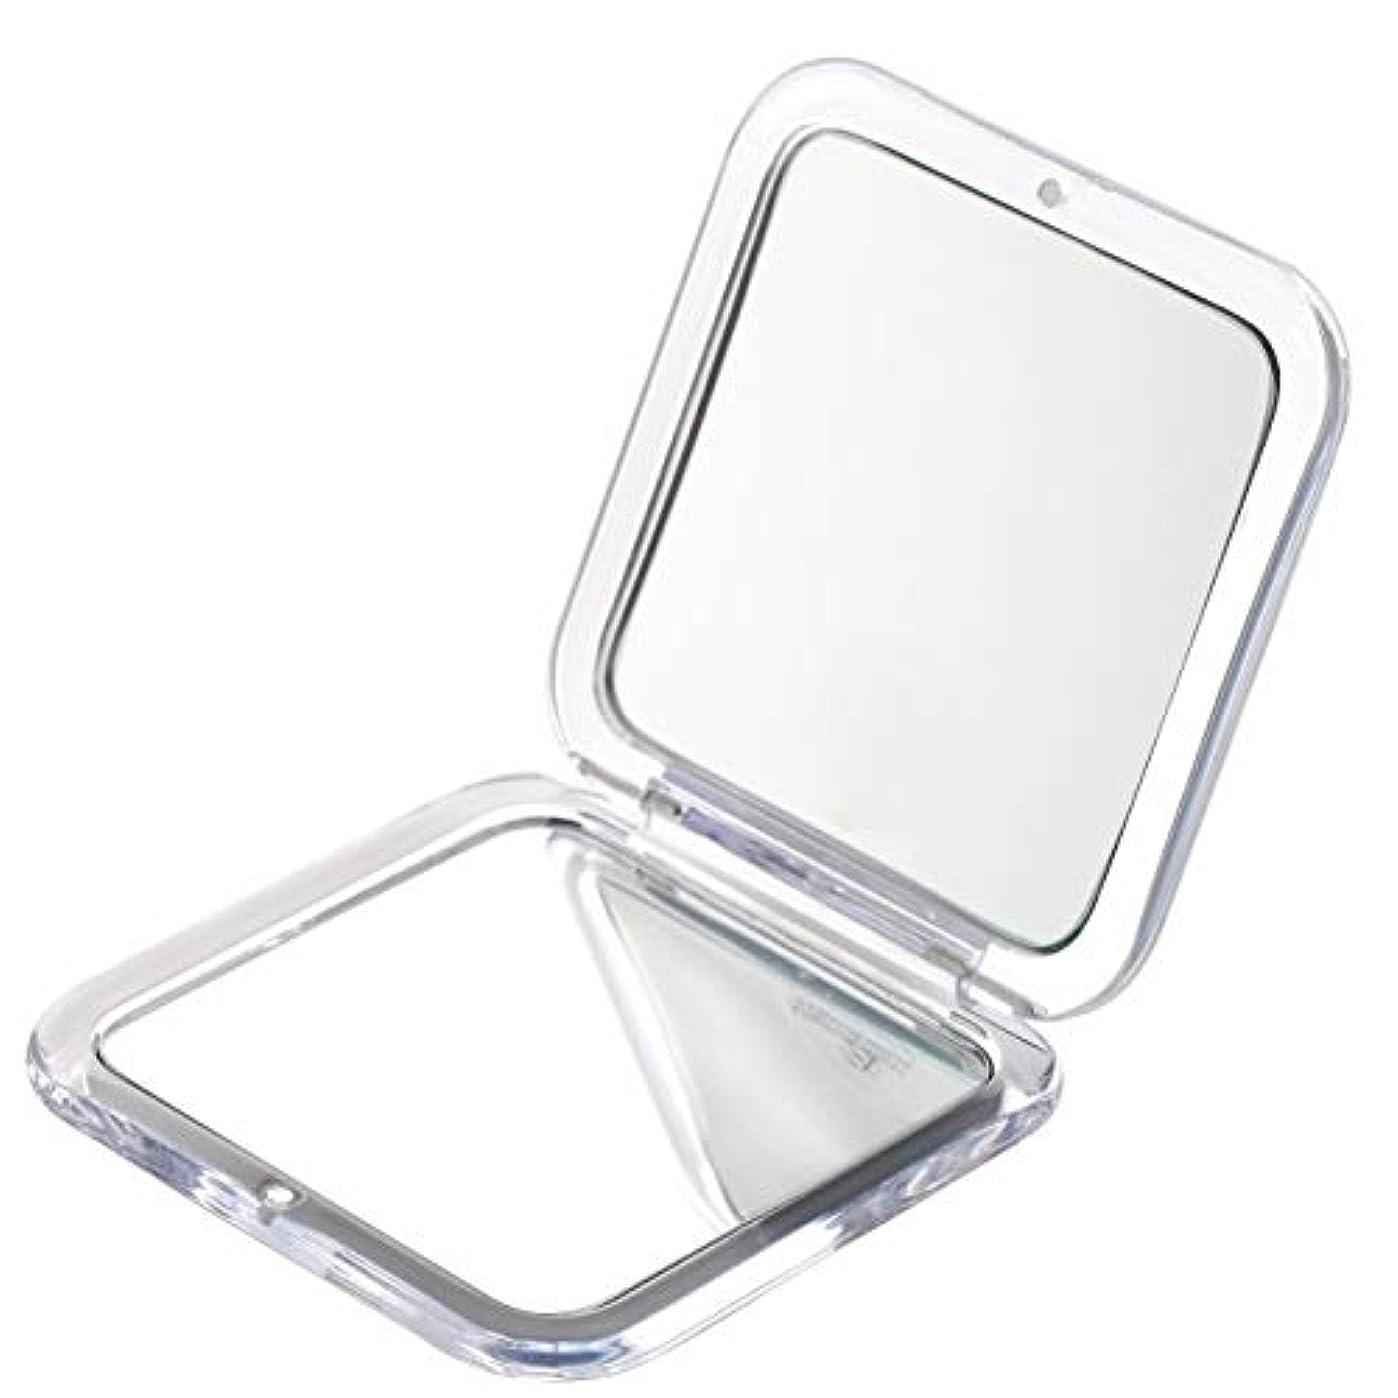 冷淡な奪う整理するMiss Sweet コンパクトミラー 両面鏡 化粧鏡 拡大鏡 1倍*5倍